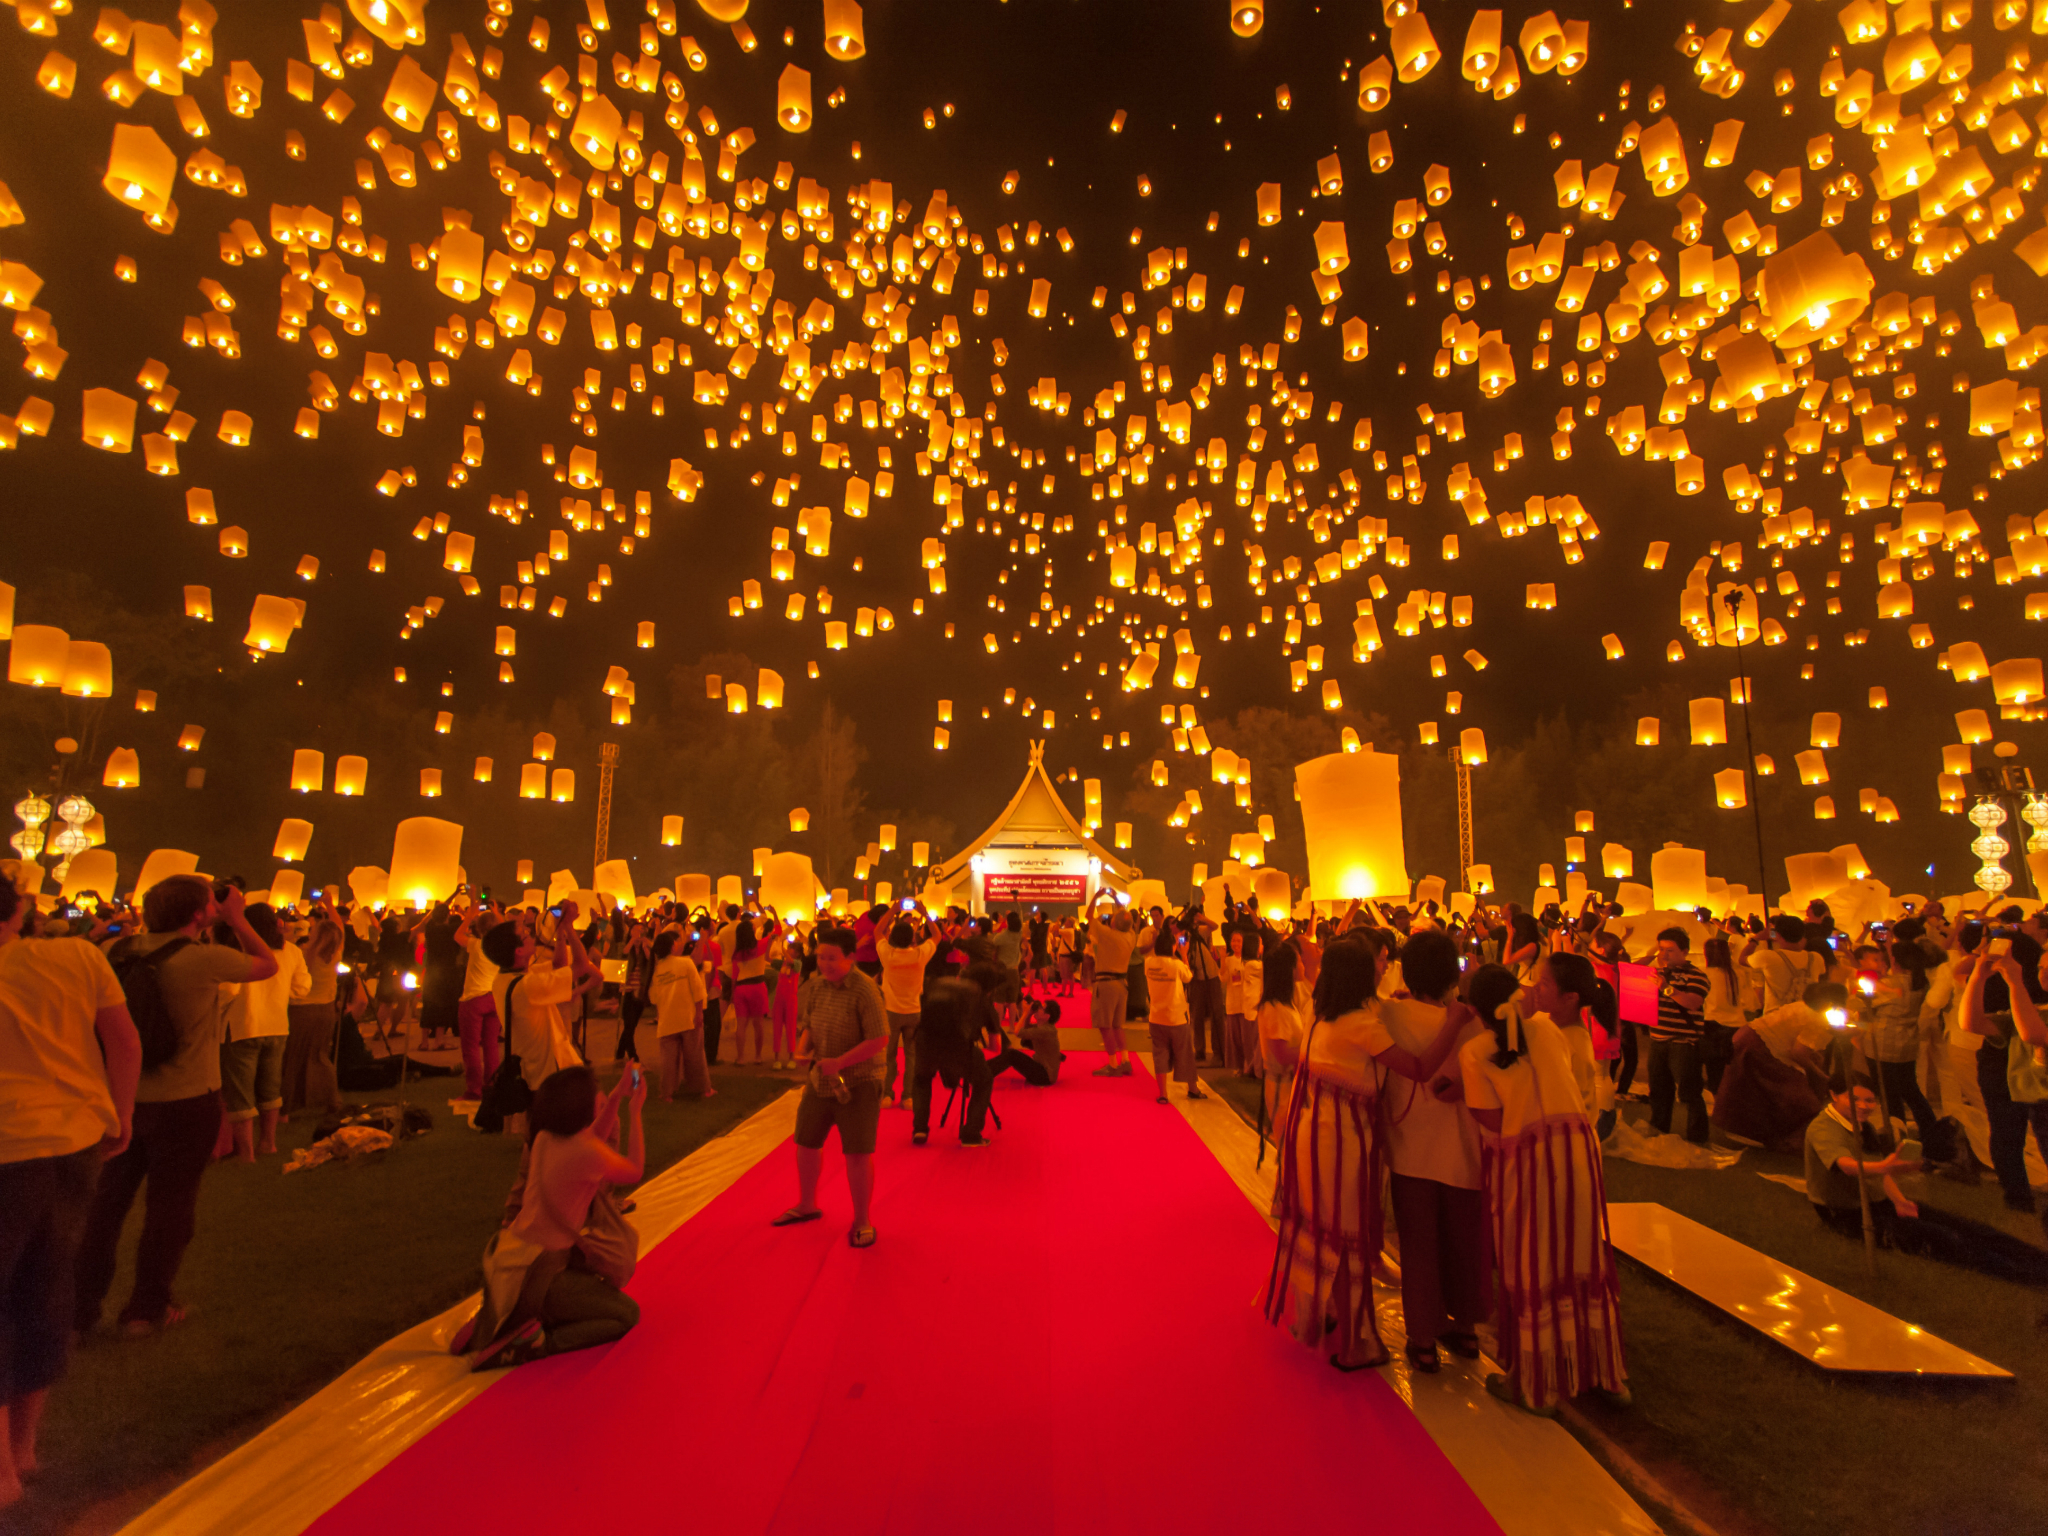 Yi Peng Lantern Festival